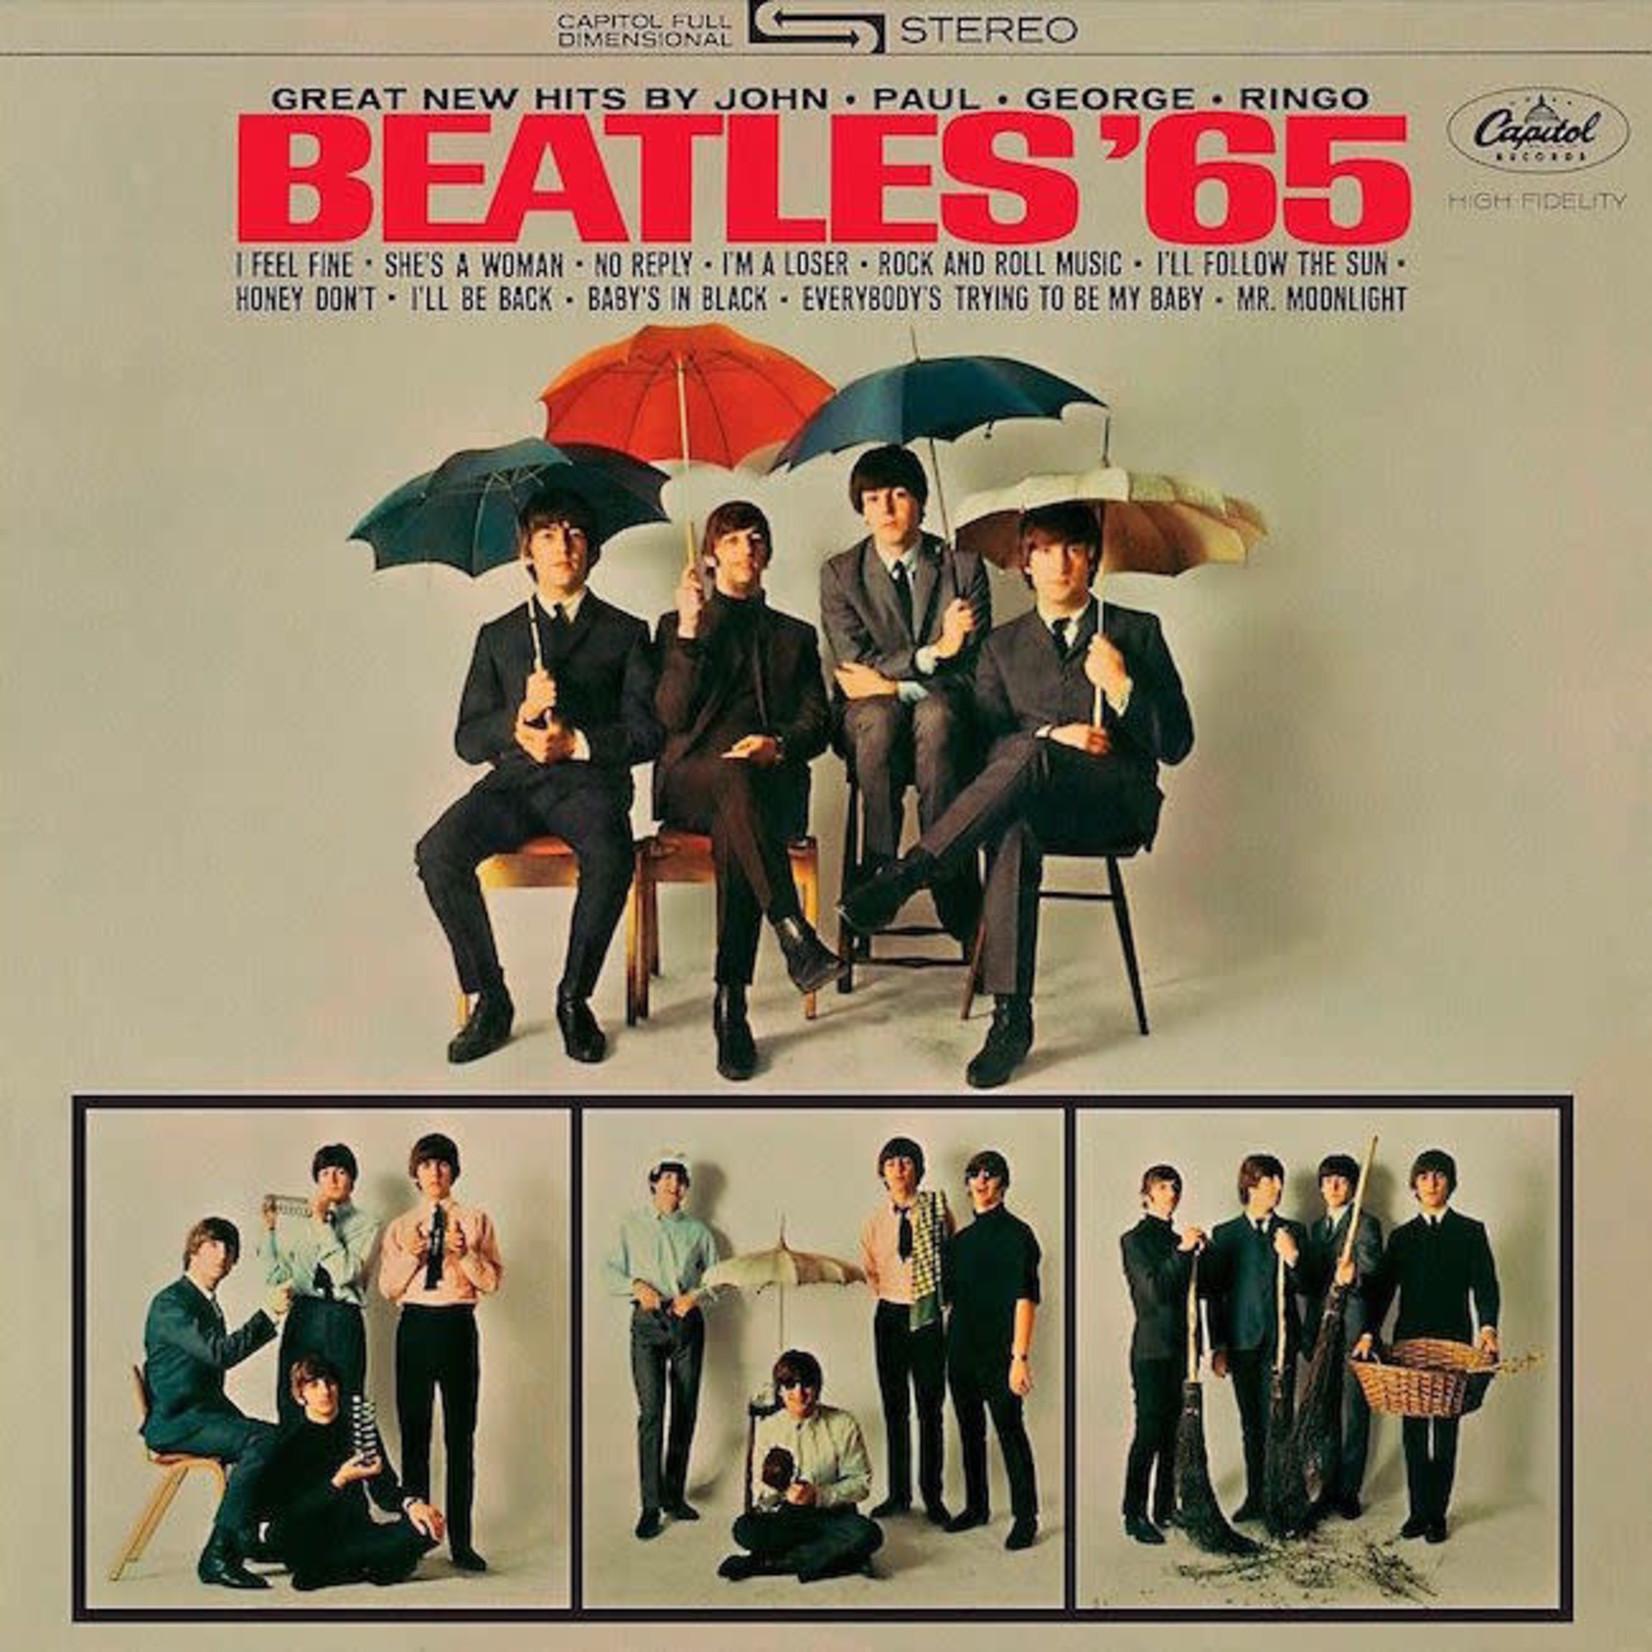 [Vintage] Beatles: '65 (reissue)